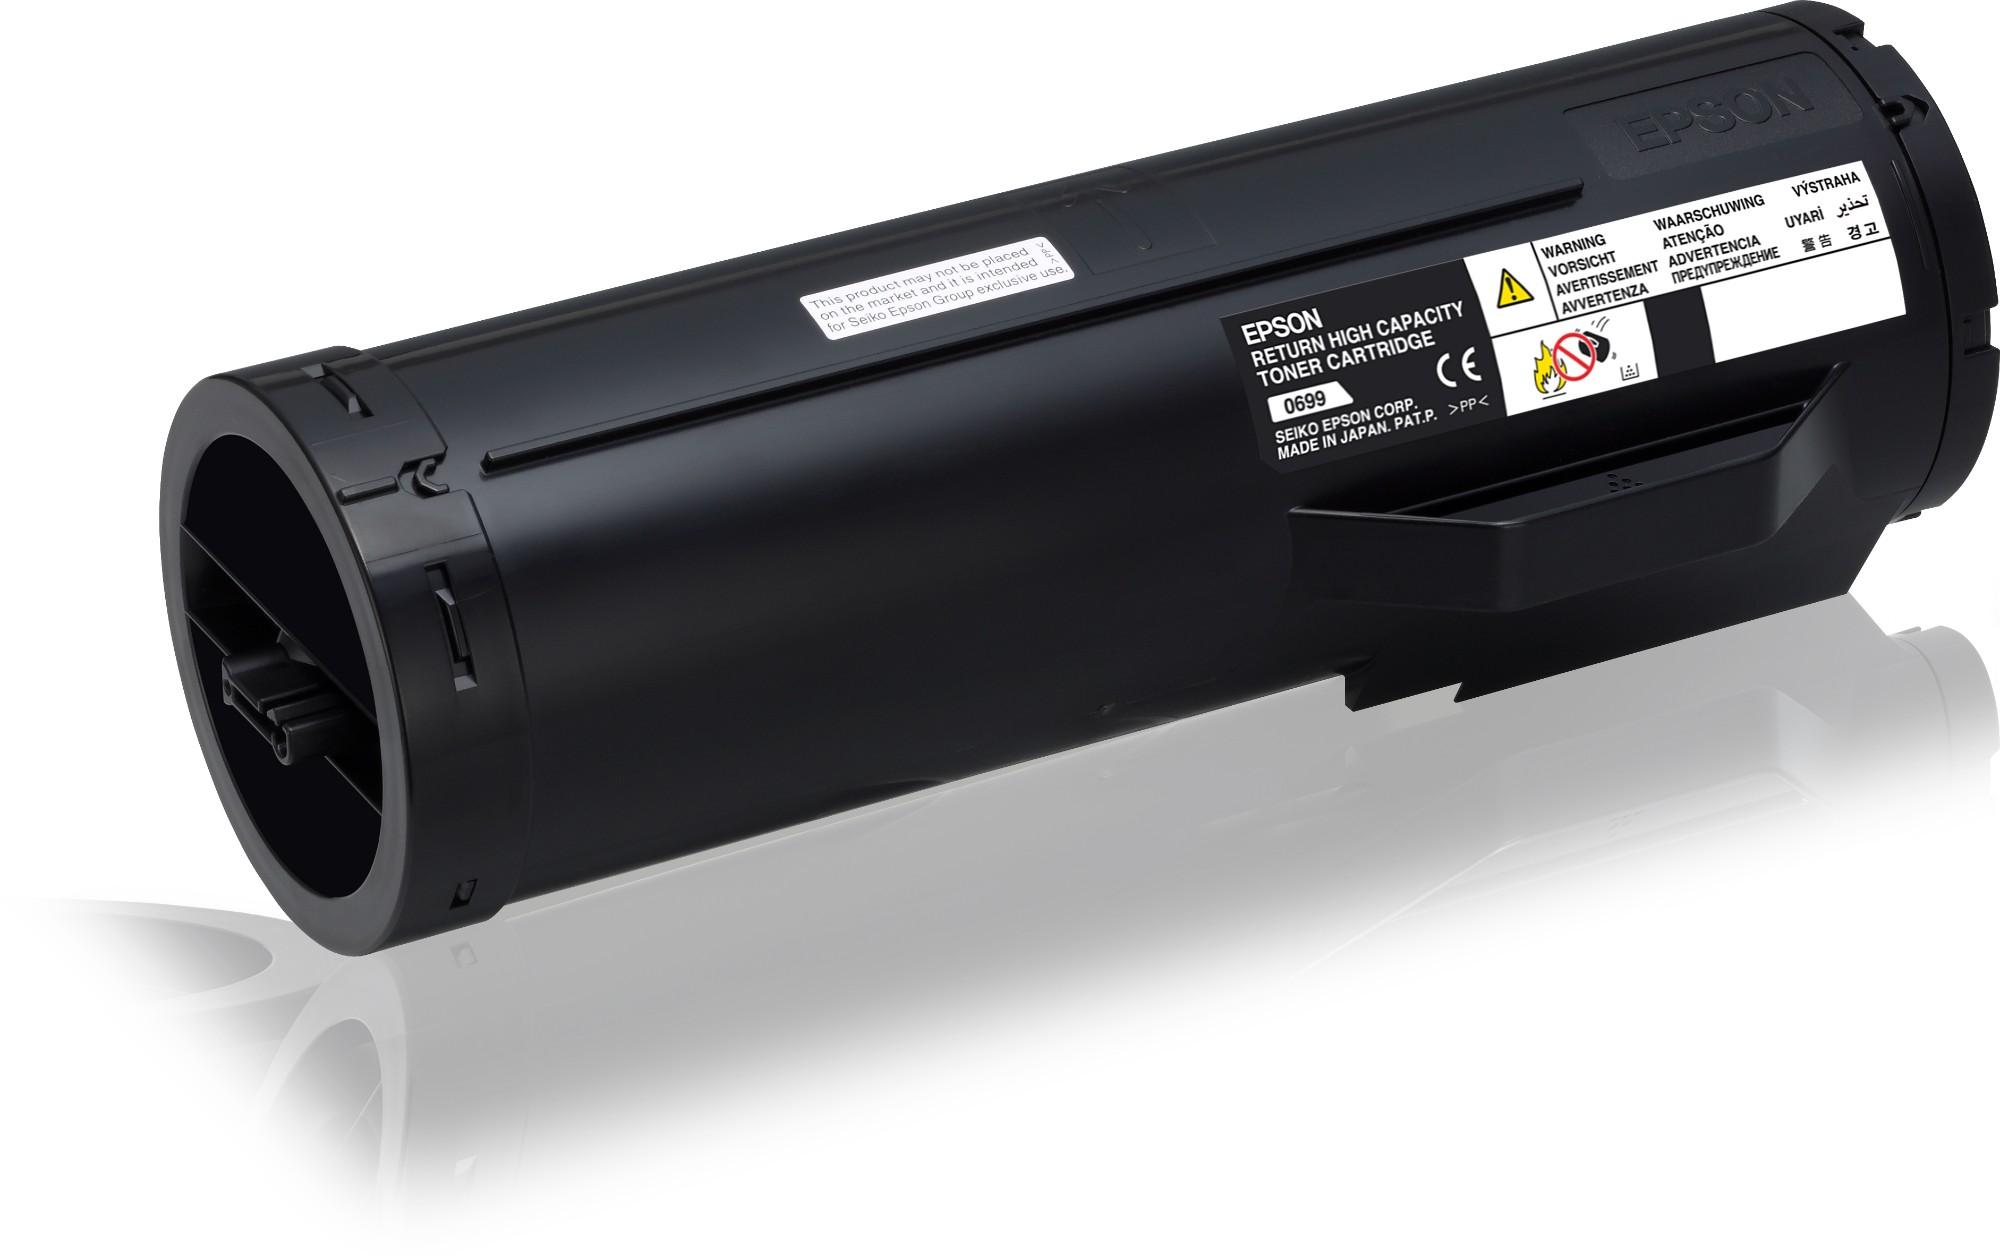 Epson Cartucho de tóner retornable negro alta capacidad 23.7k